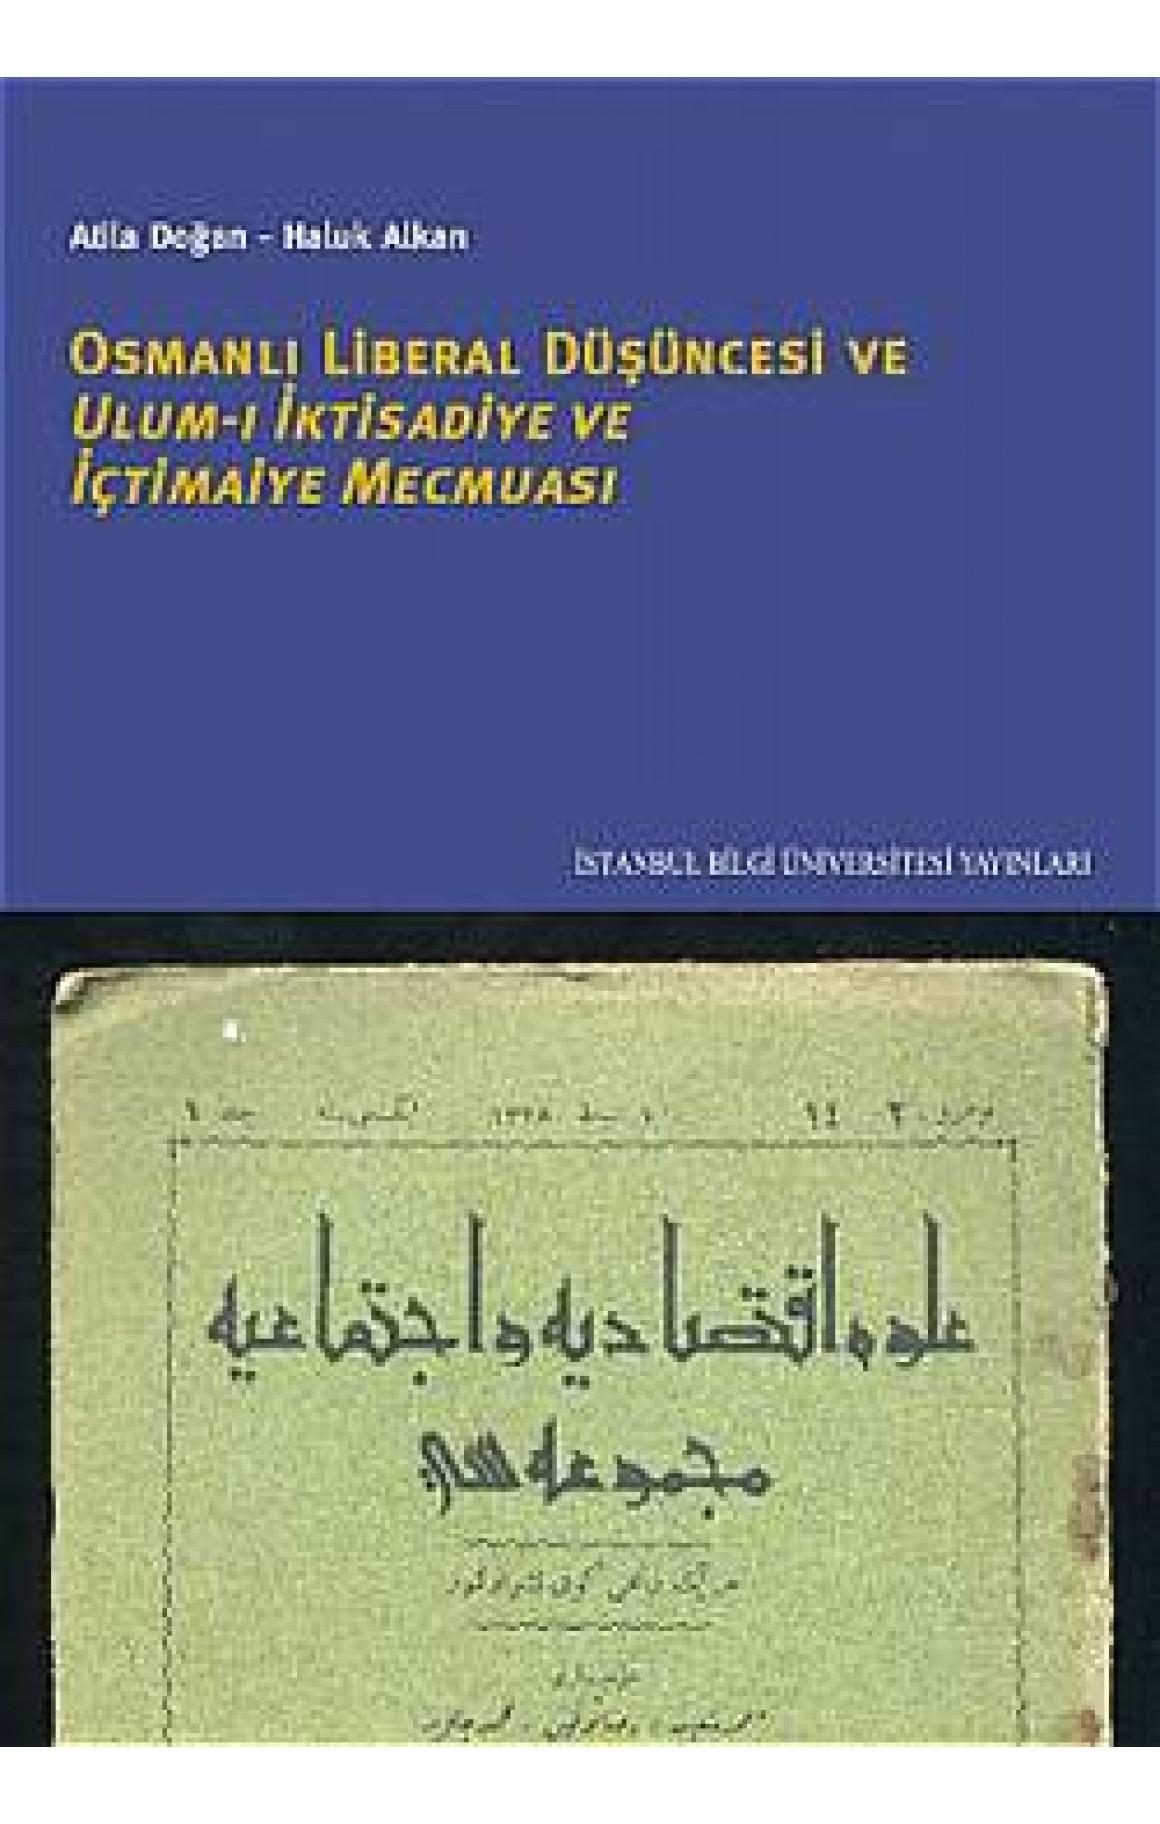 Osmanlı Liberal Düşüncesi Ulum-ı İktisadiye ve İçtimaiye Mecmuası